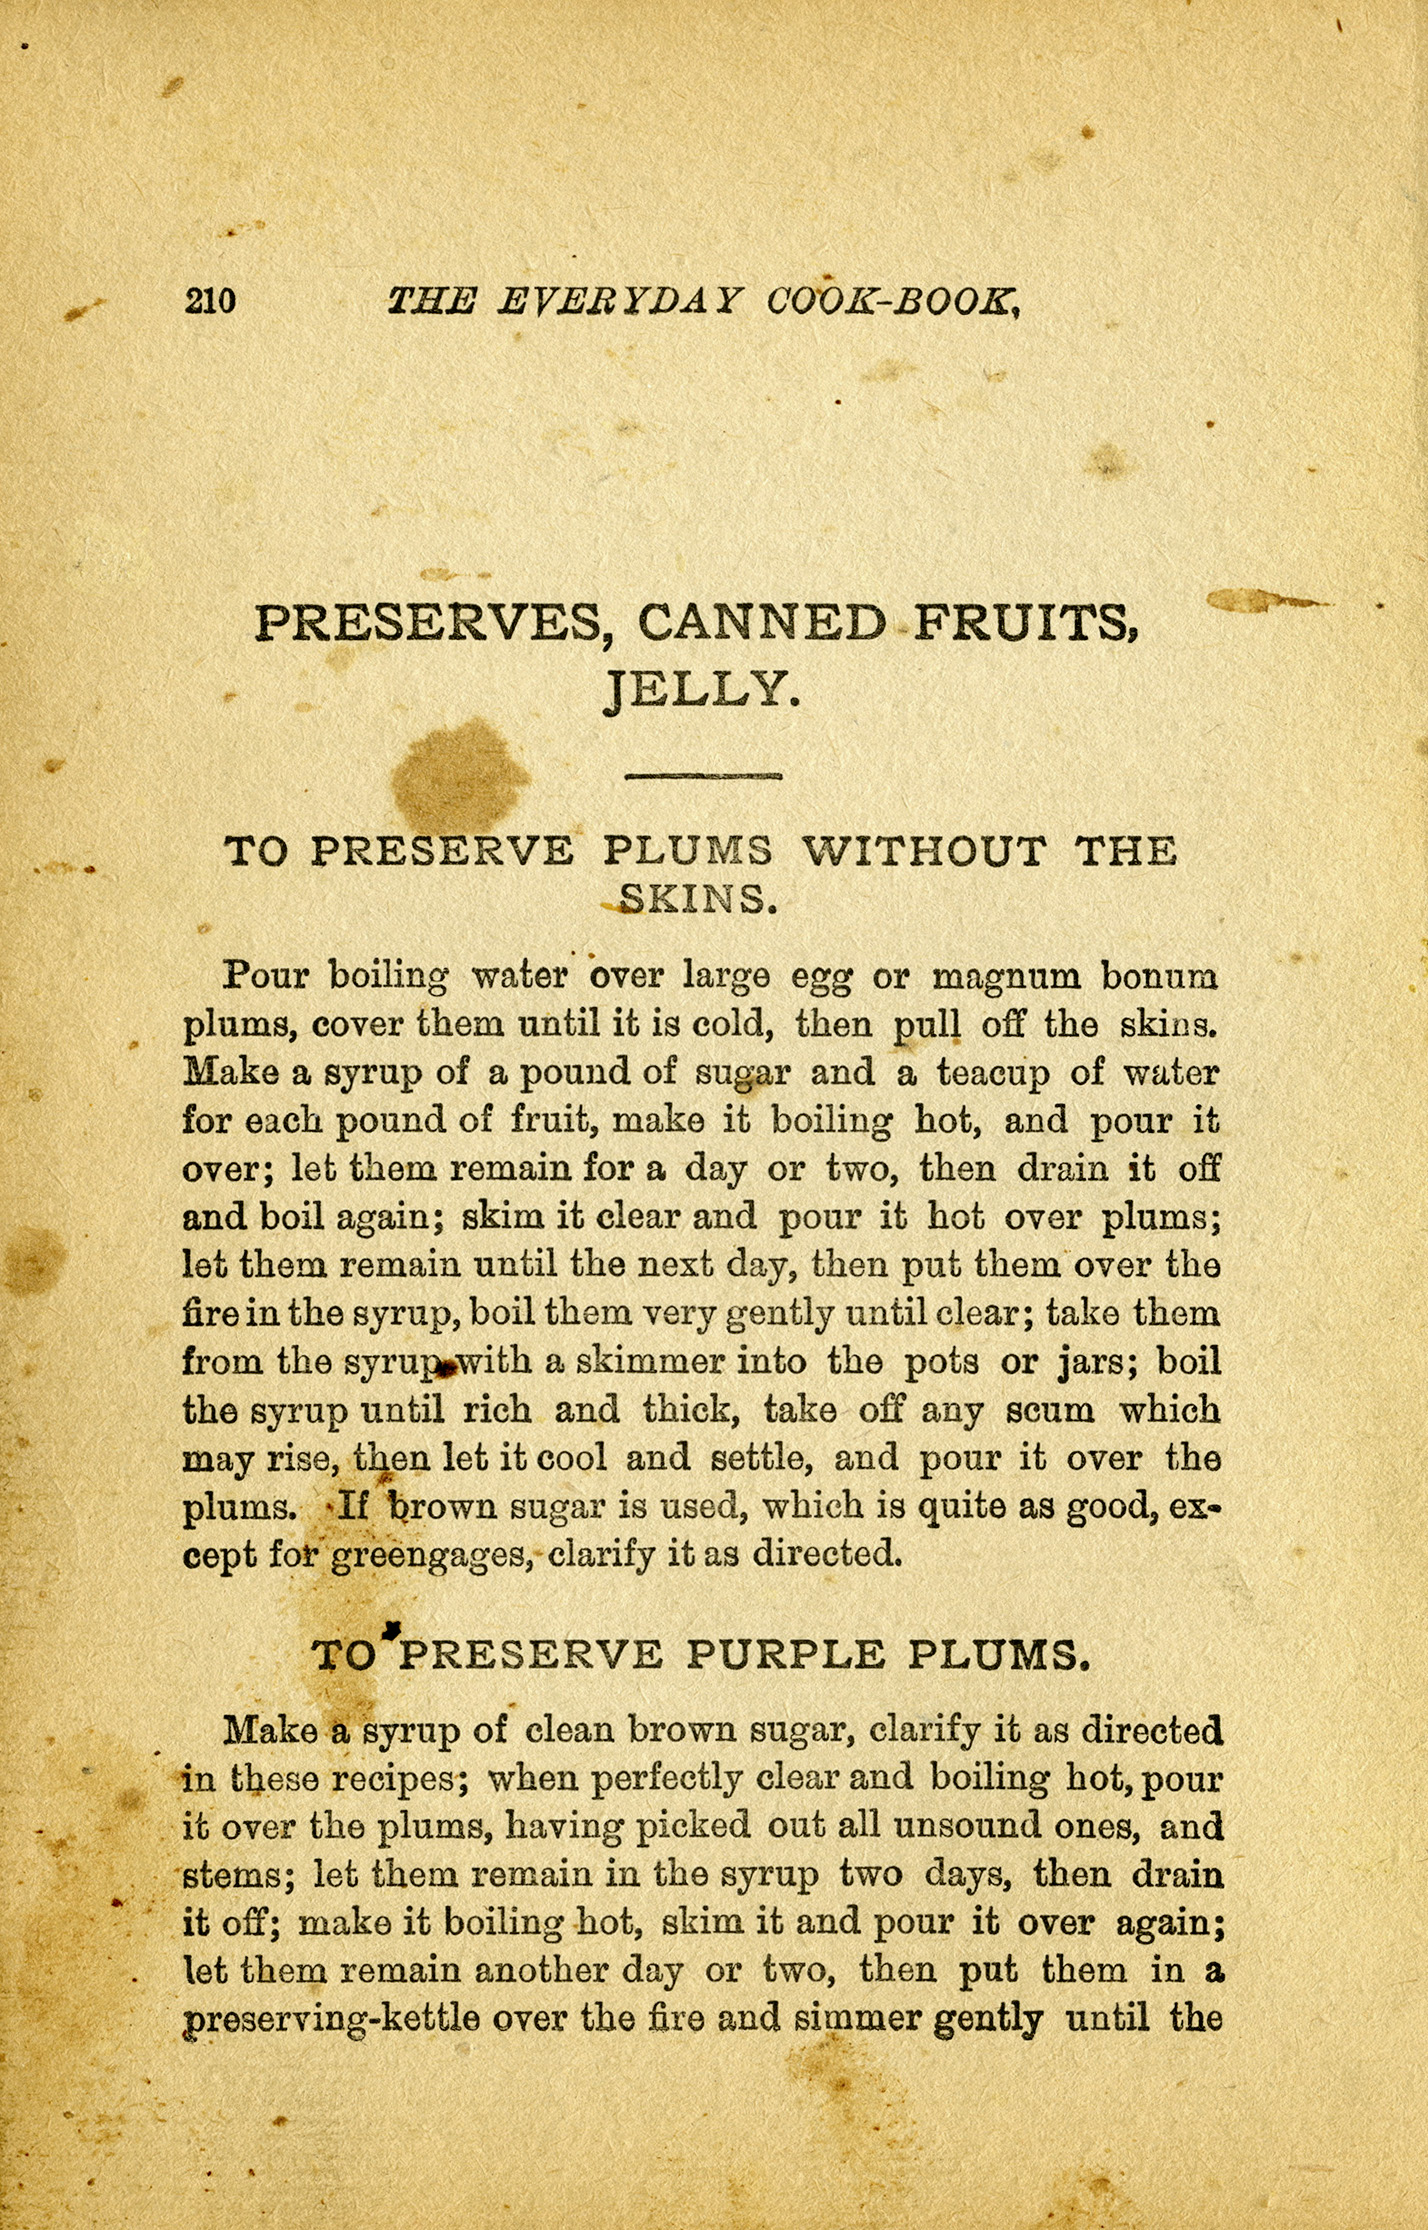 vintage preserves recipes cookbook page